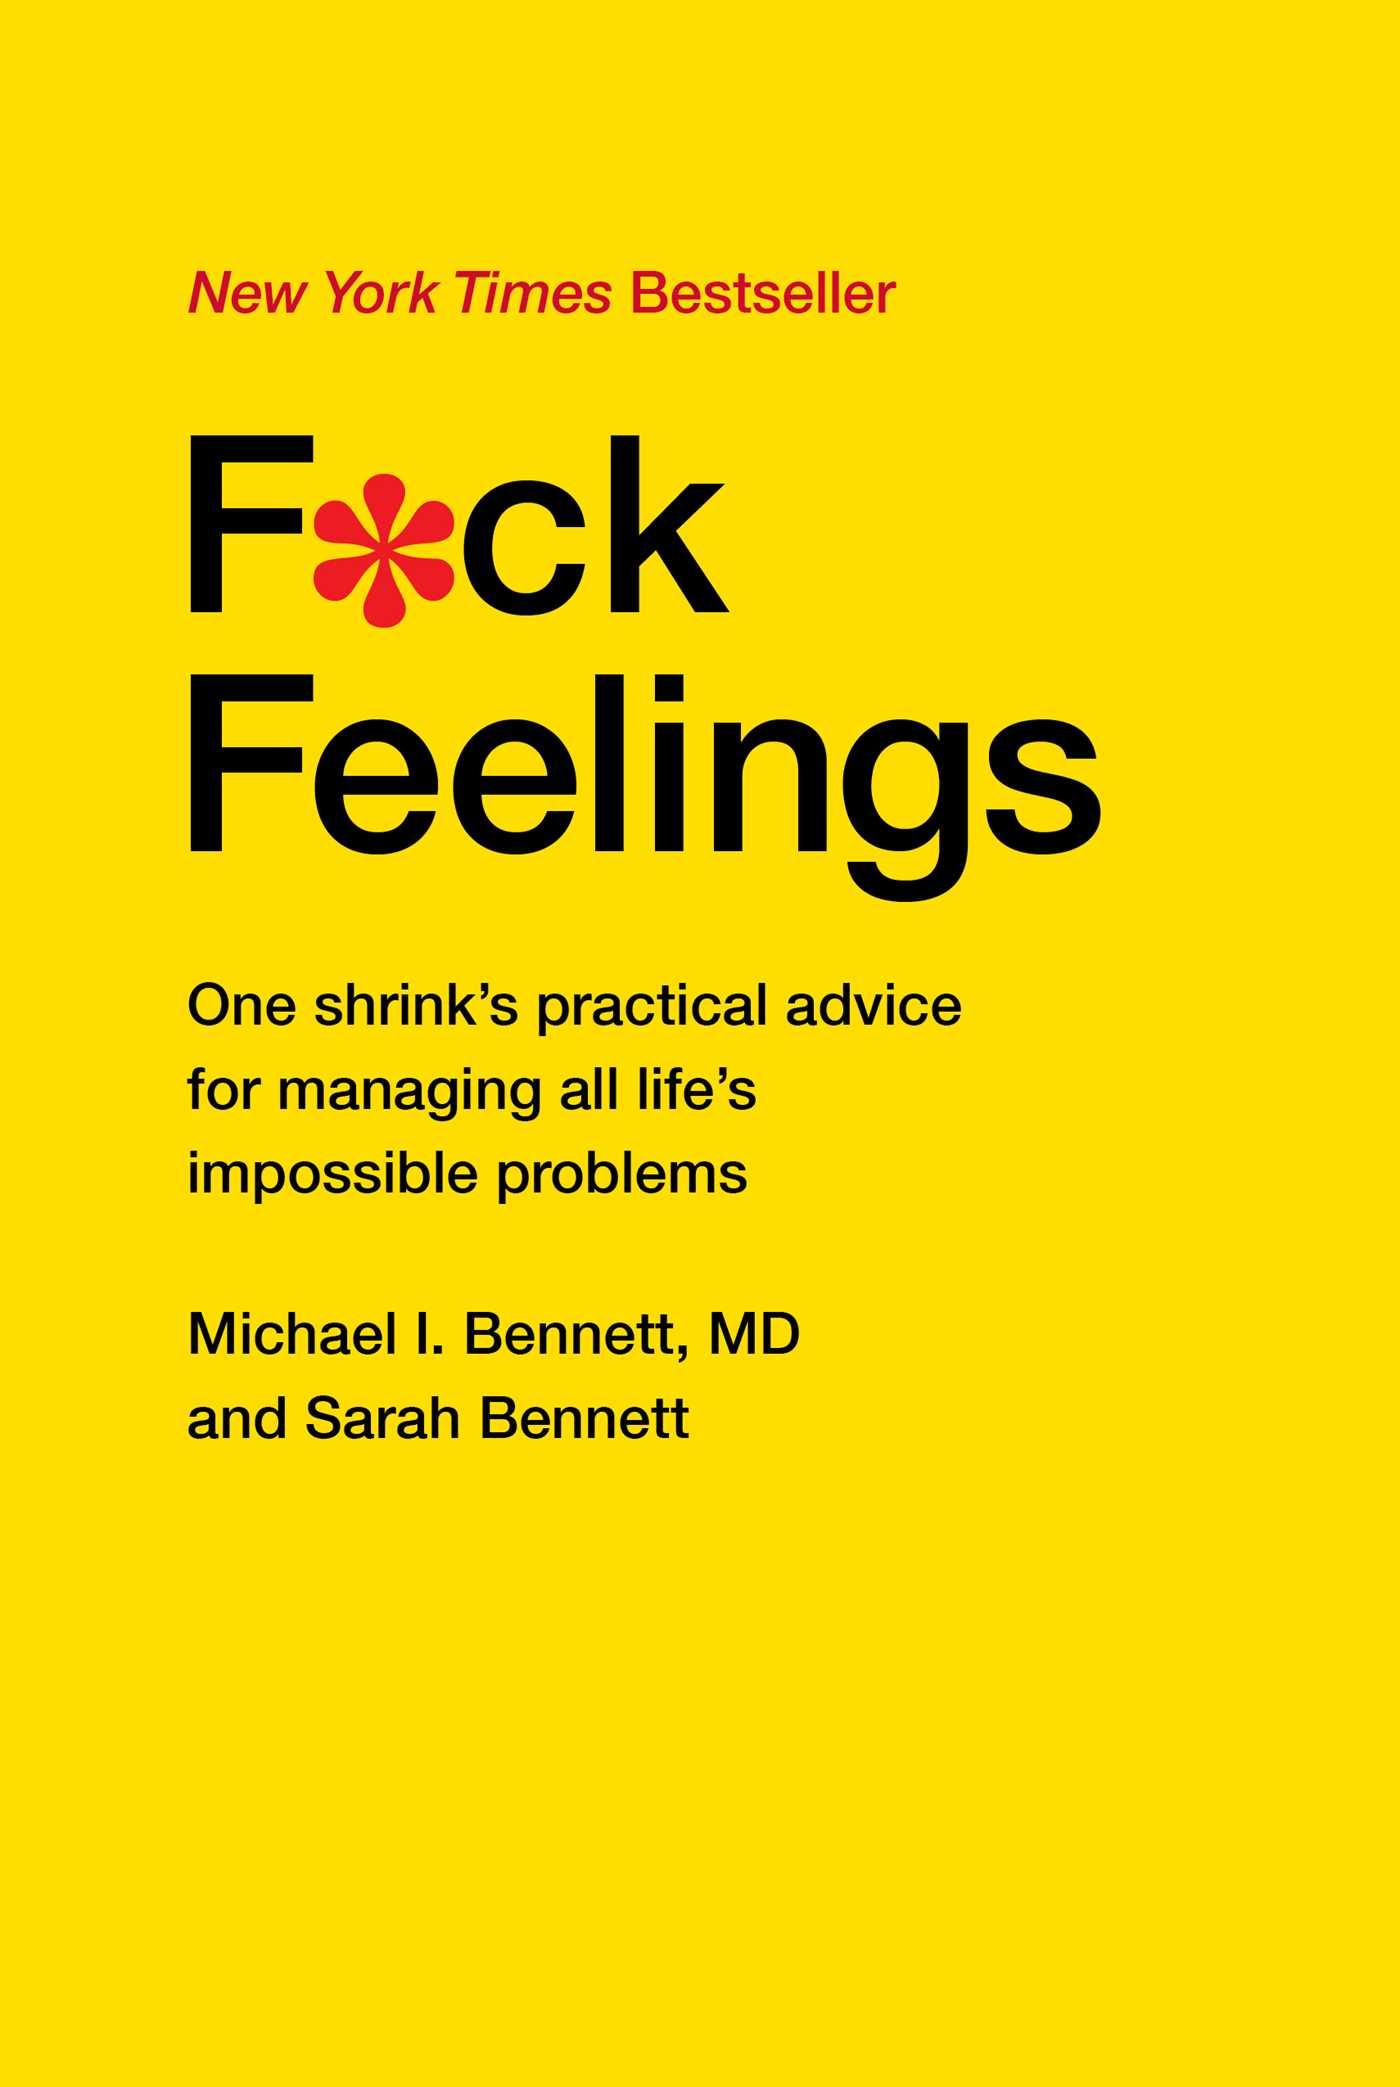 fck-feelings-9781476789996_hr.jpg